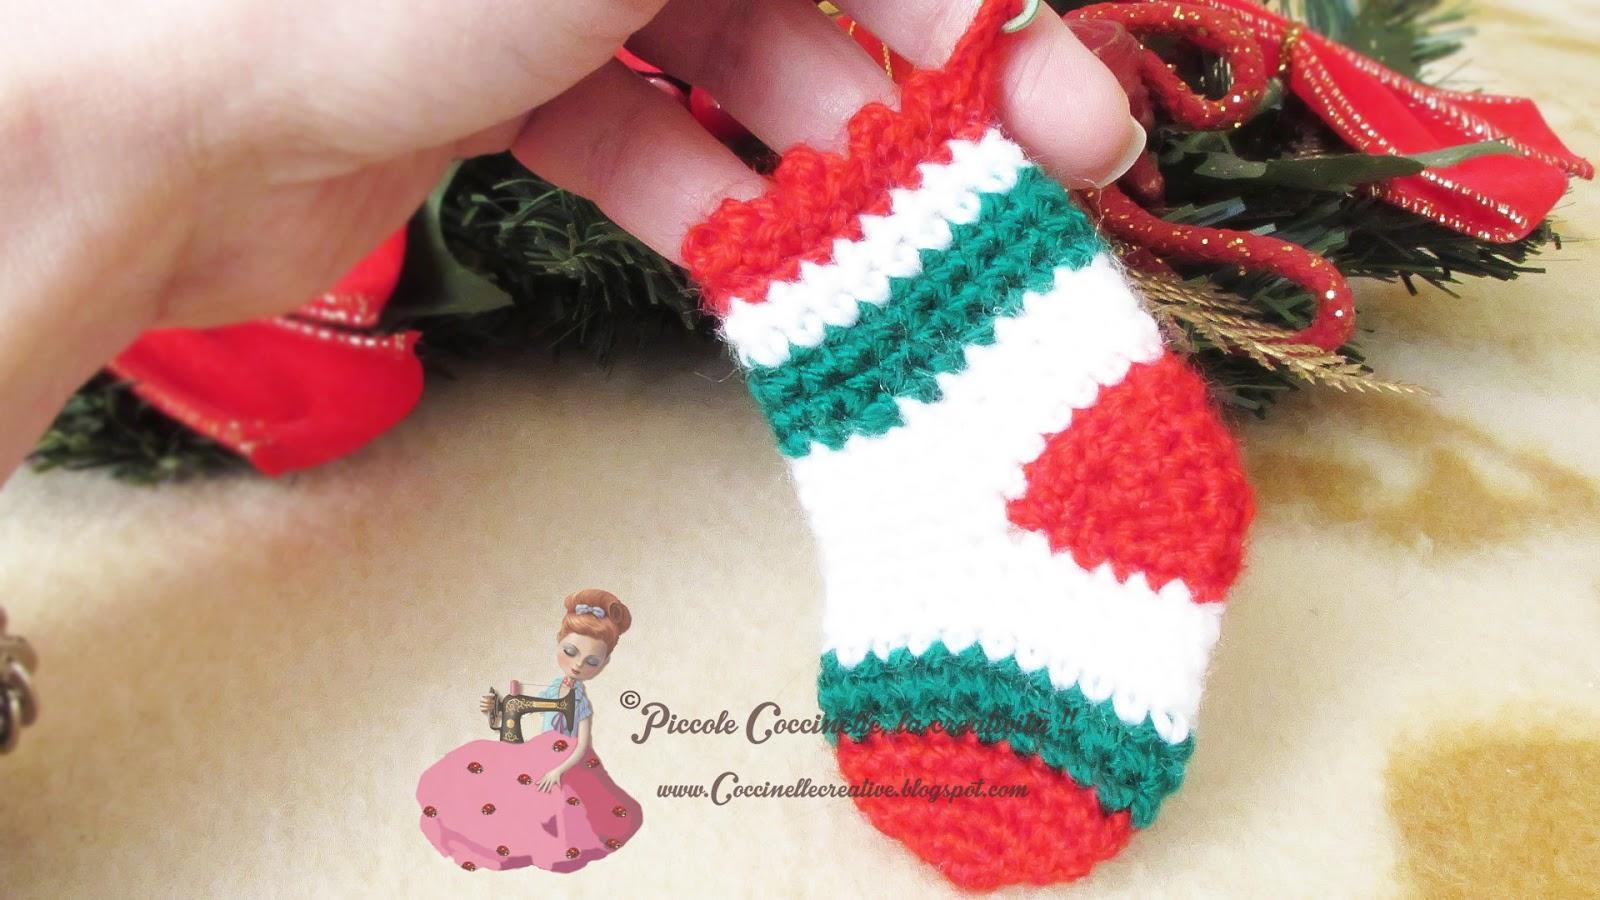 Lavori Creativi Per Natale Uncinetto Natale With Lavori Creativi